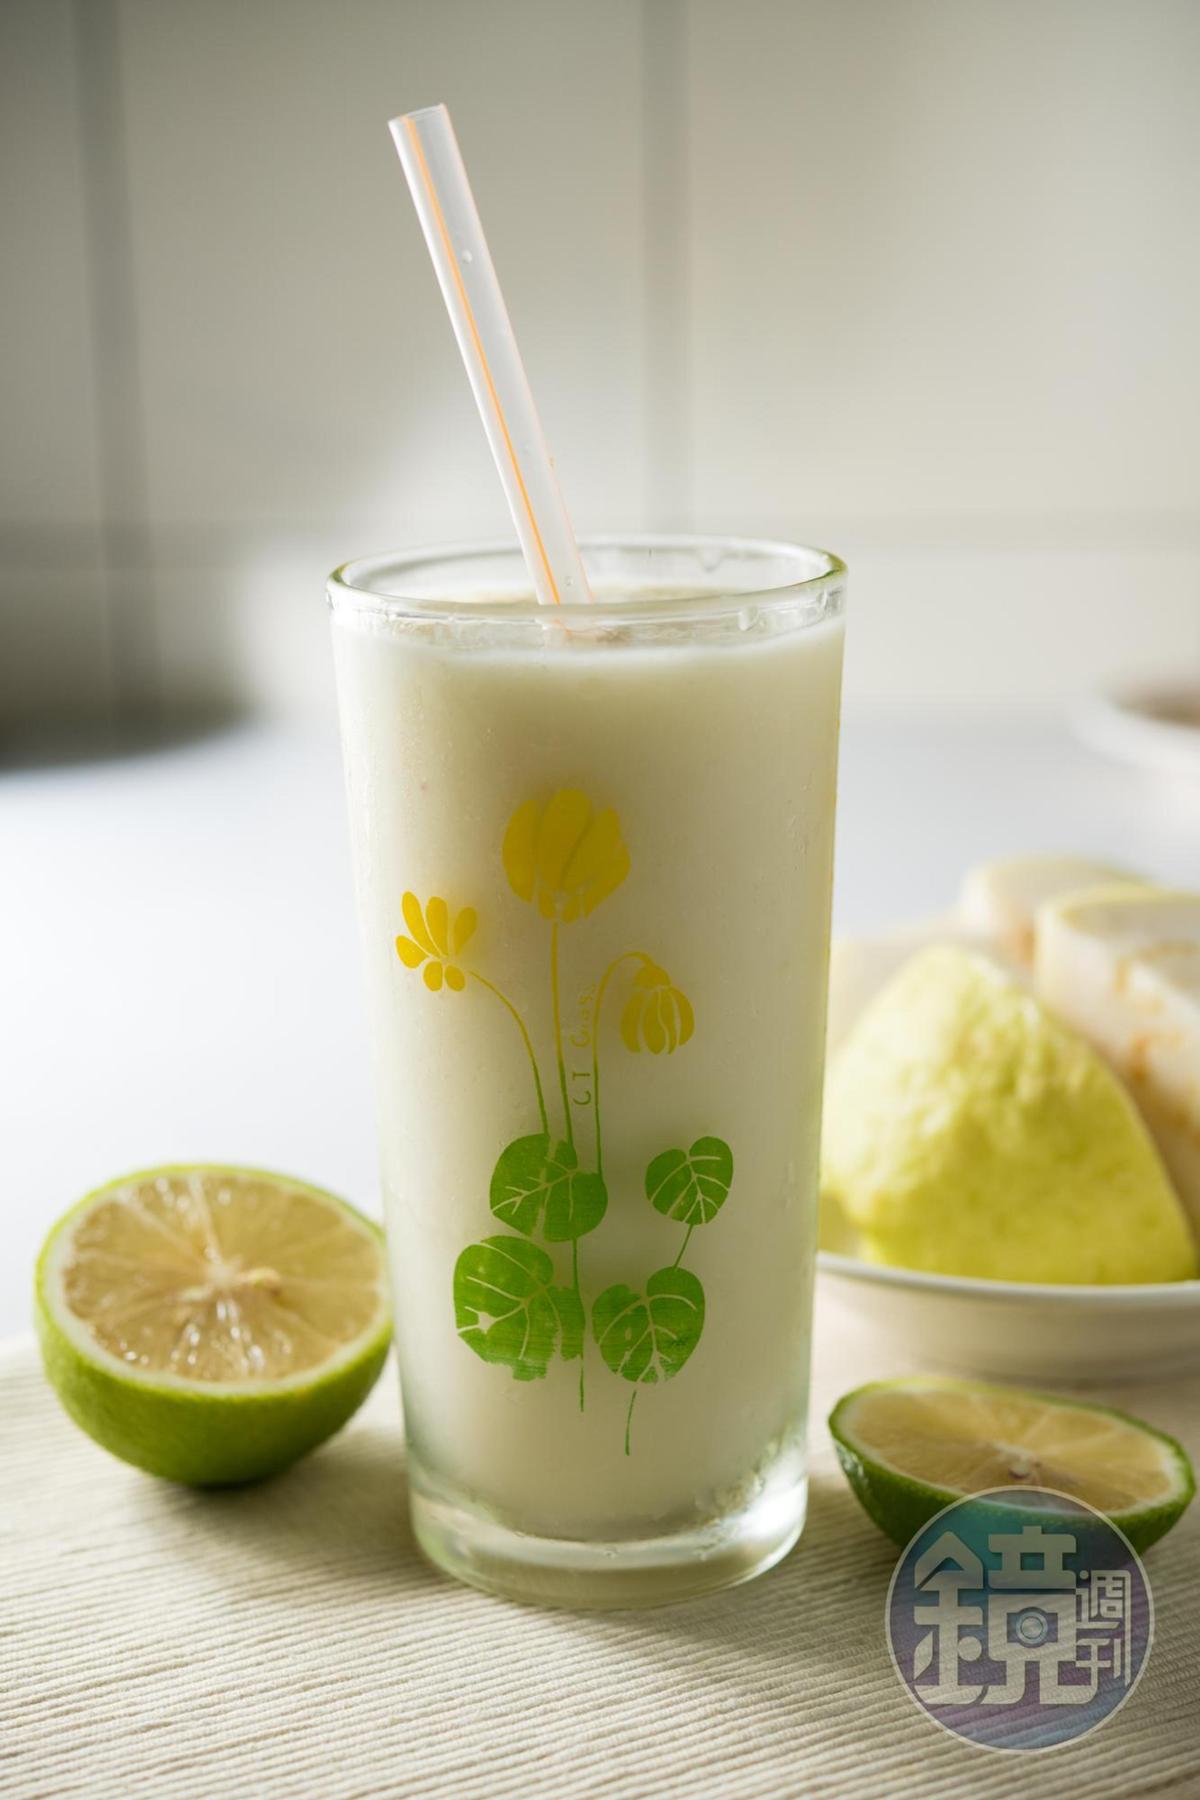 「芭樂檸檬汁」用完熟芭樂和整顆檸檬打成,清香酸甜。(50元/杯)